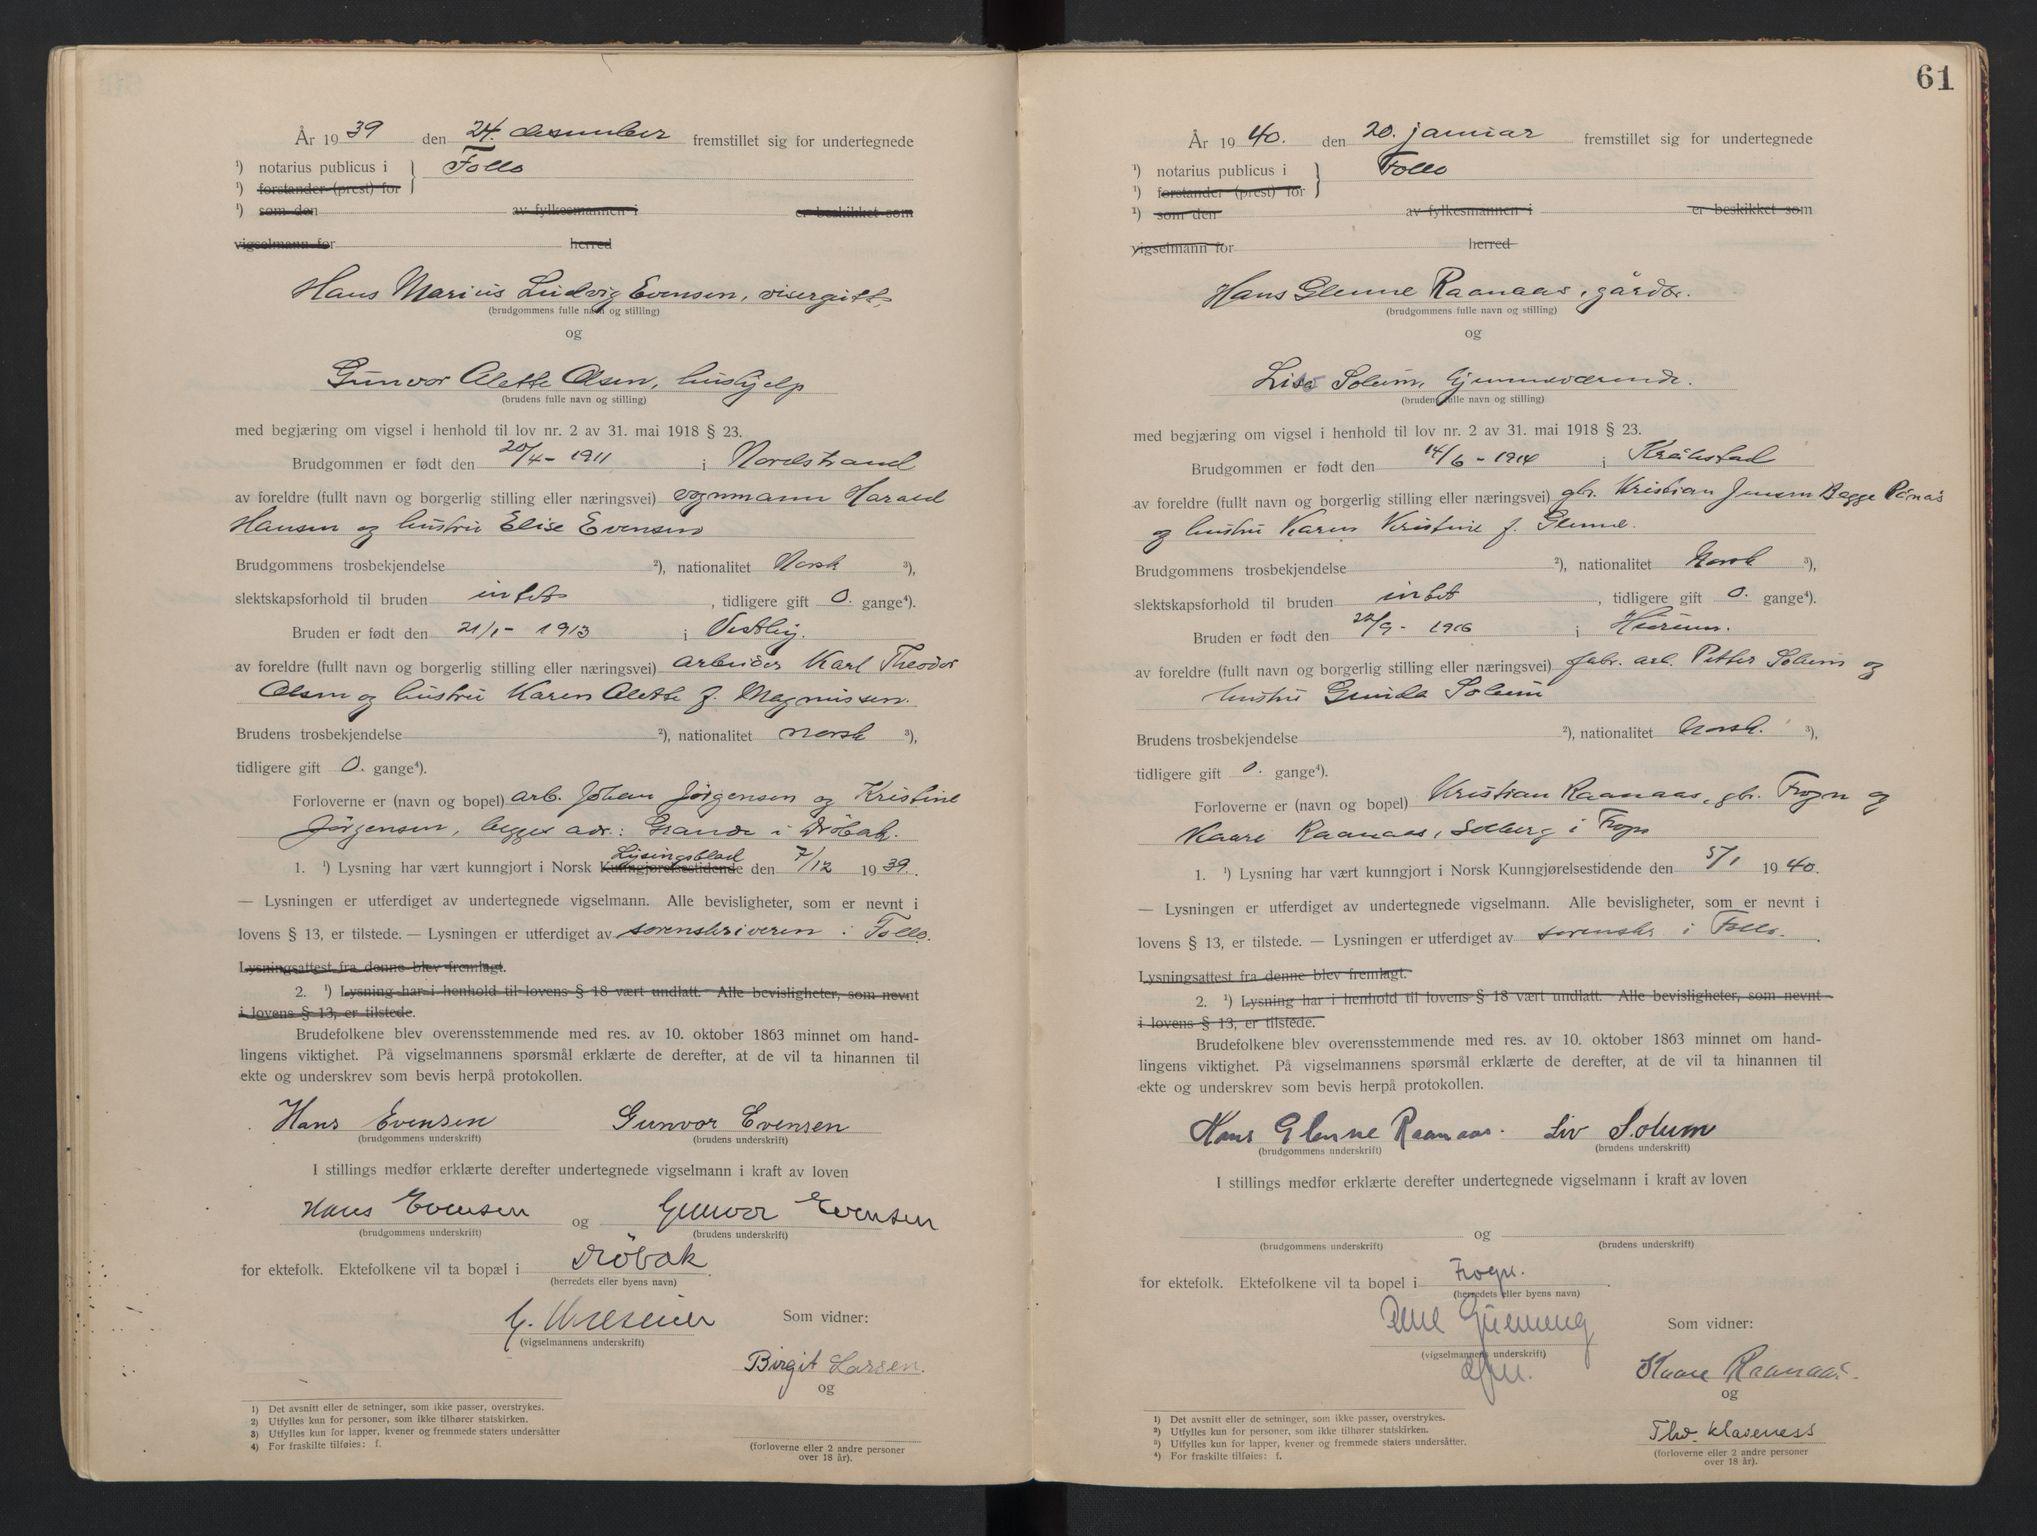 SAO, Follo sorenskriveri, L/La/Lab/L0001: Vigselsbok, 1920-1942, s. 61